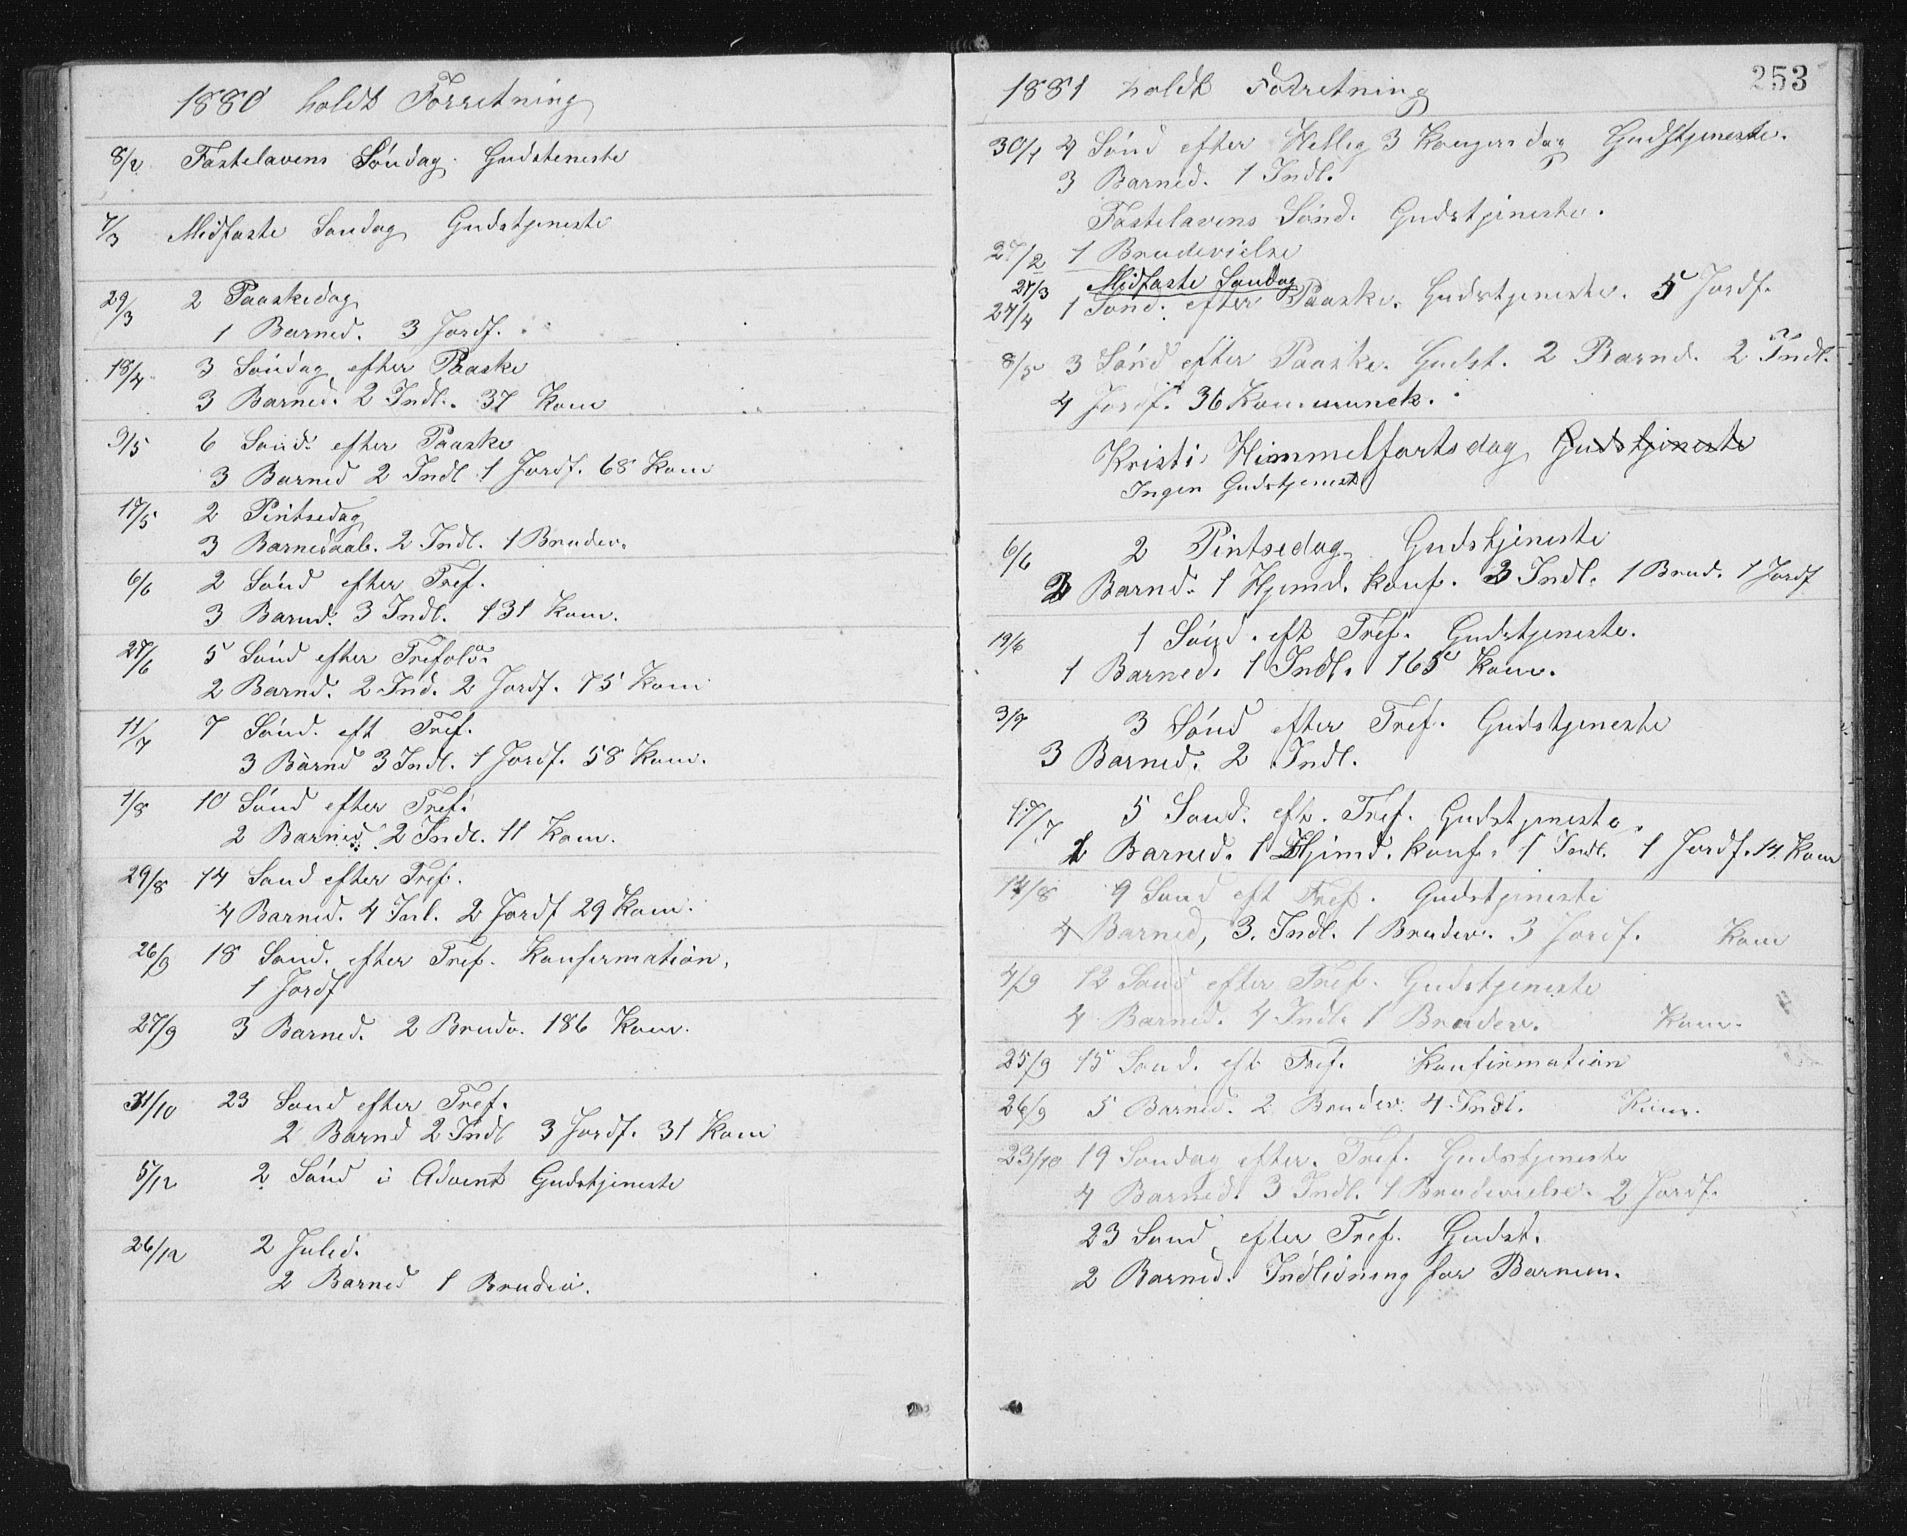 SAT, Ministerialprotokoller, klokkerbøker og fødselsregistre - Sør-Trøndelag, 662/L0756: Klokkerbok nr. 662C01, 1869-1891, s. 253